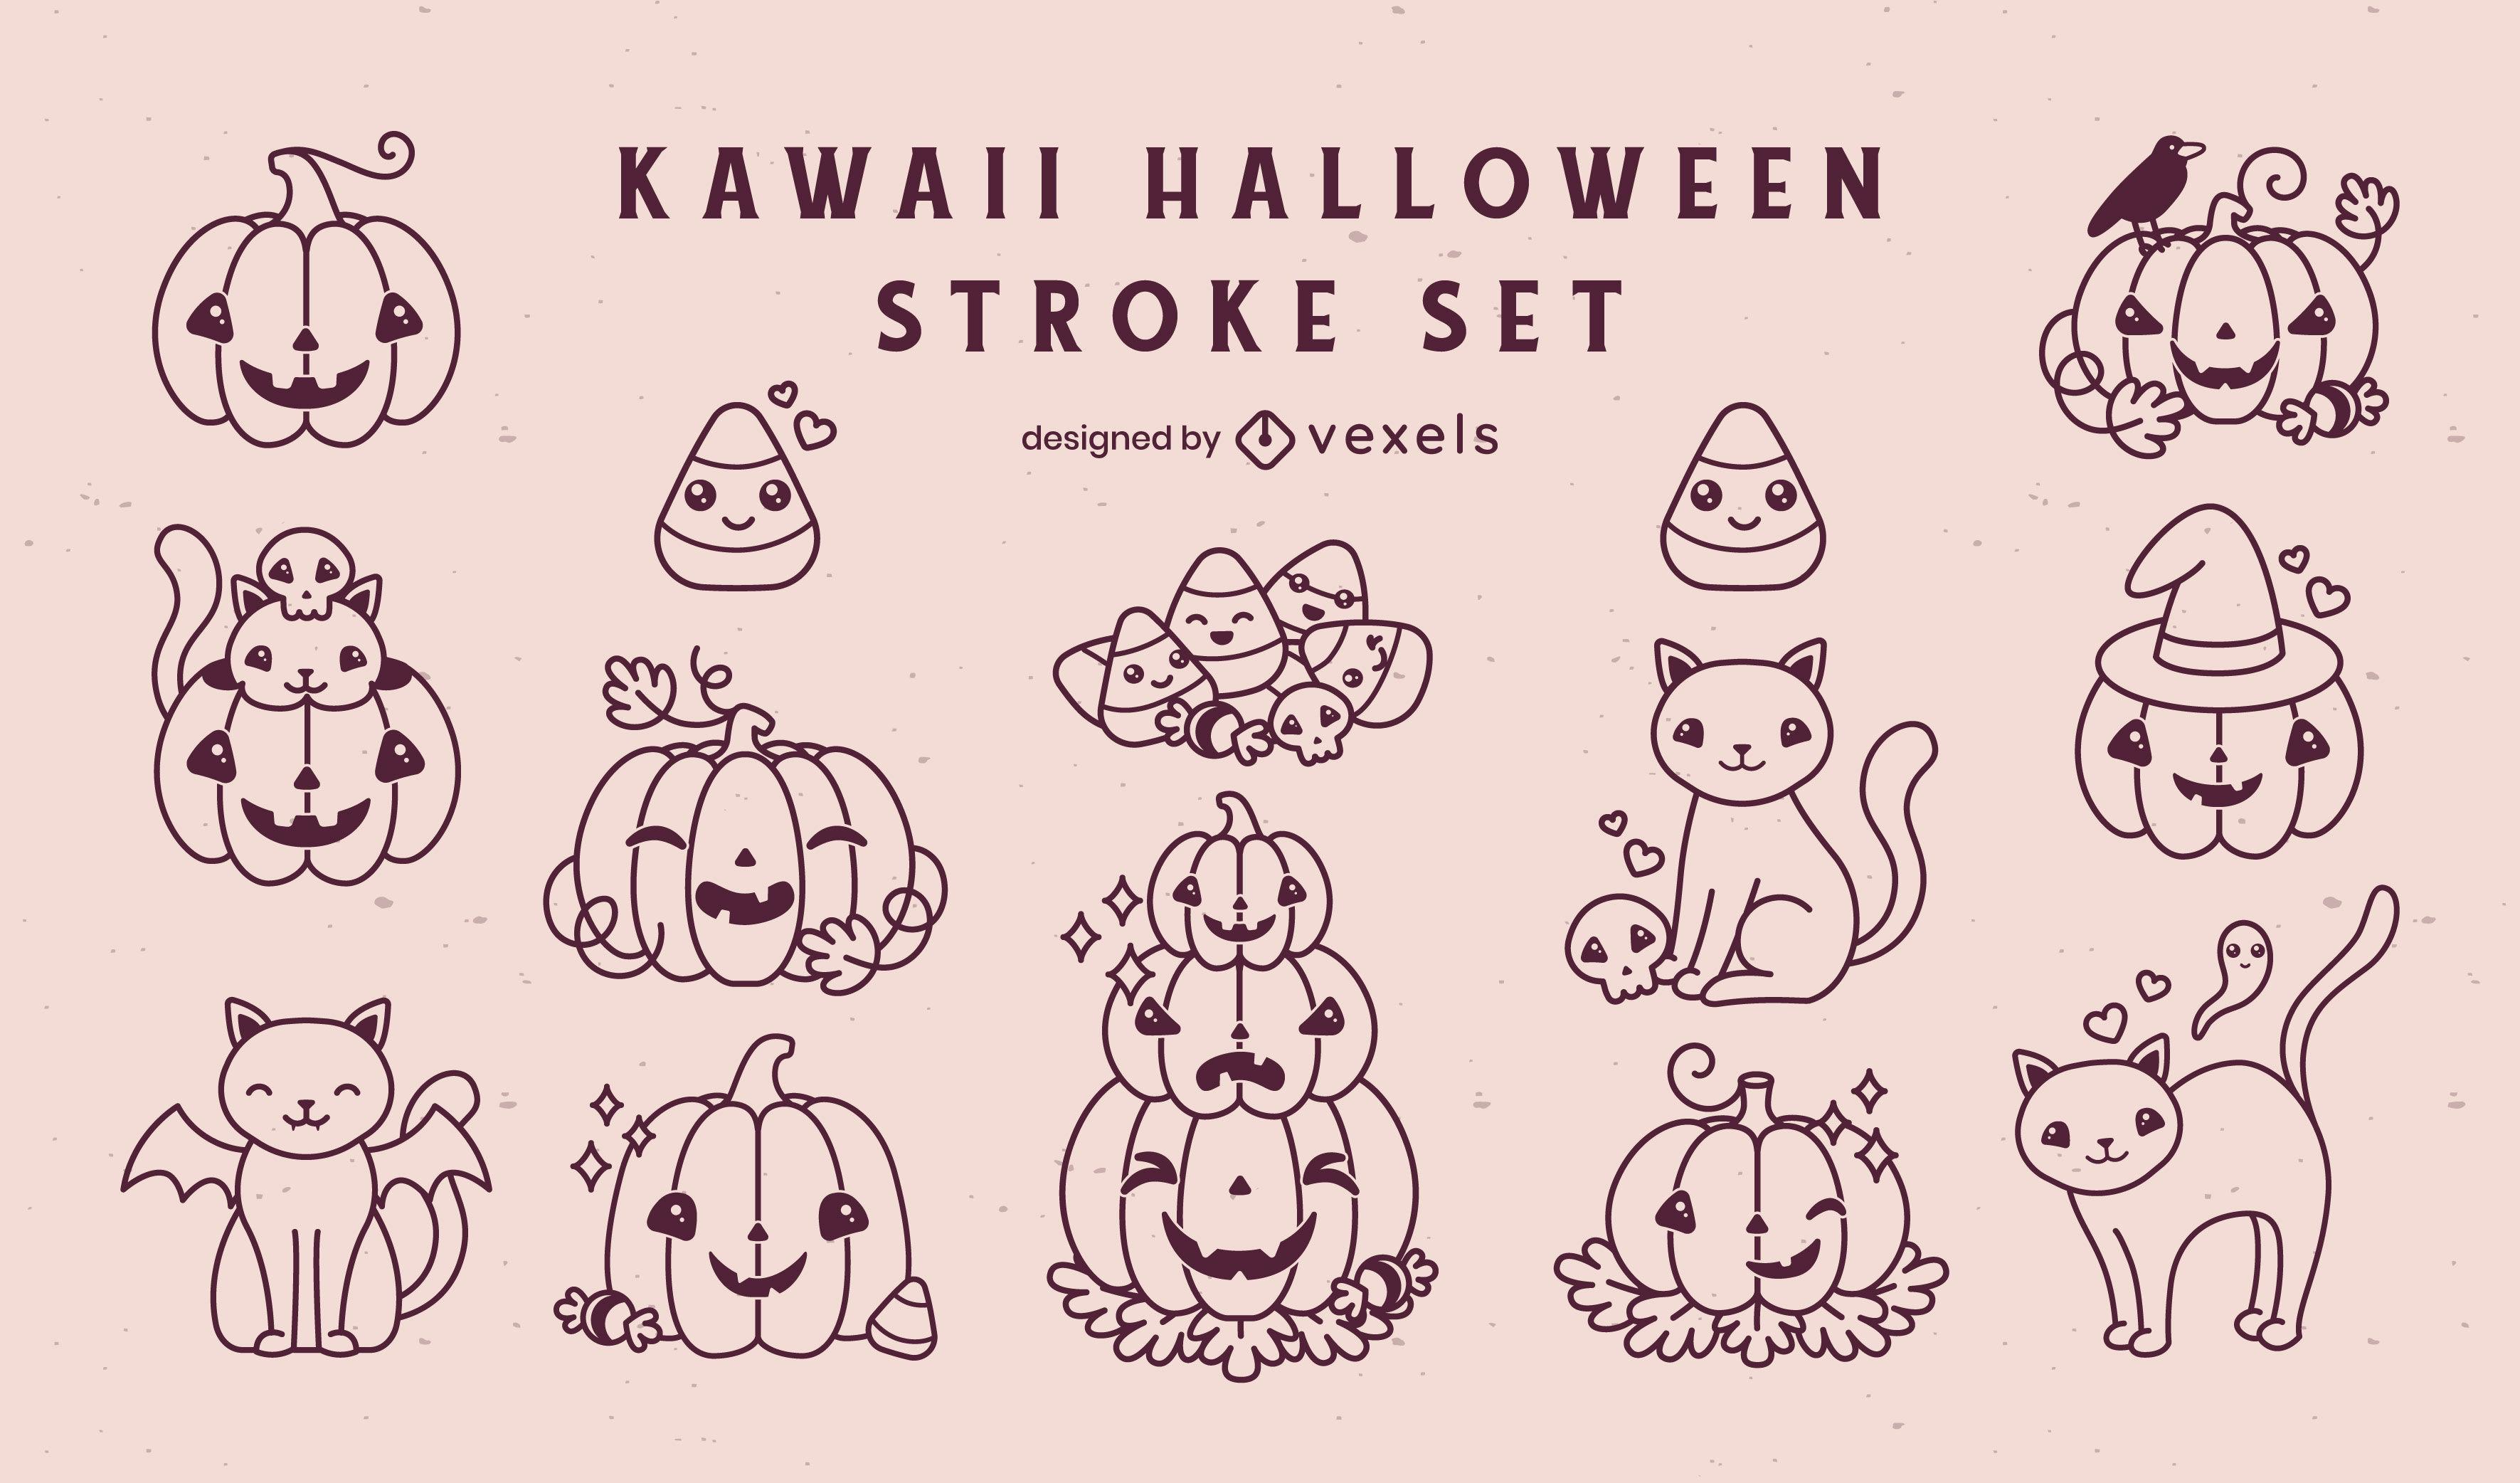 Conjunto de traços de elementos do feriado do dia das bruxas Kawaii